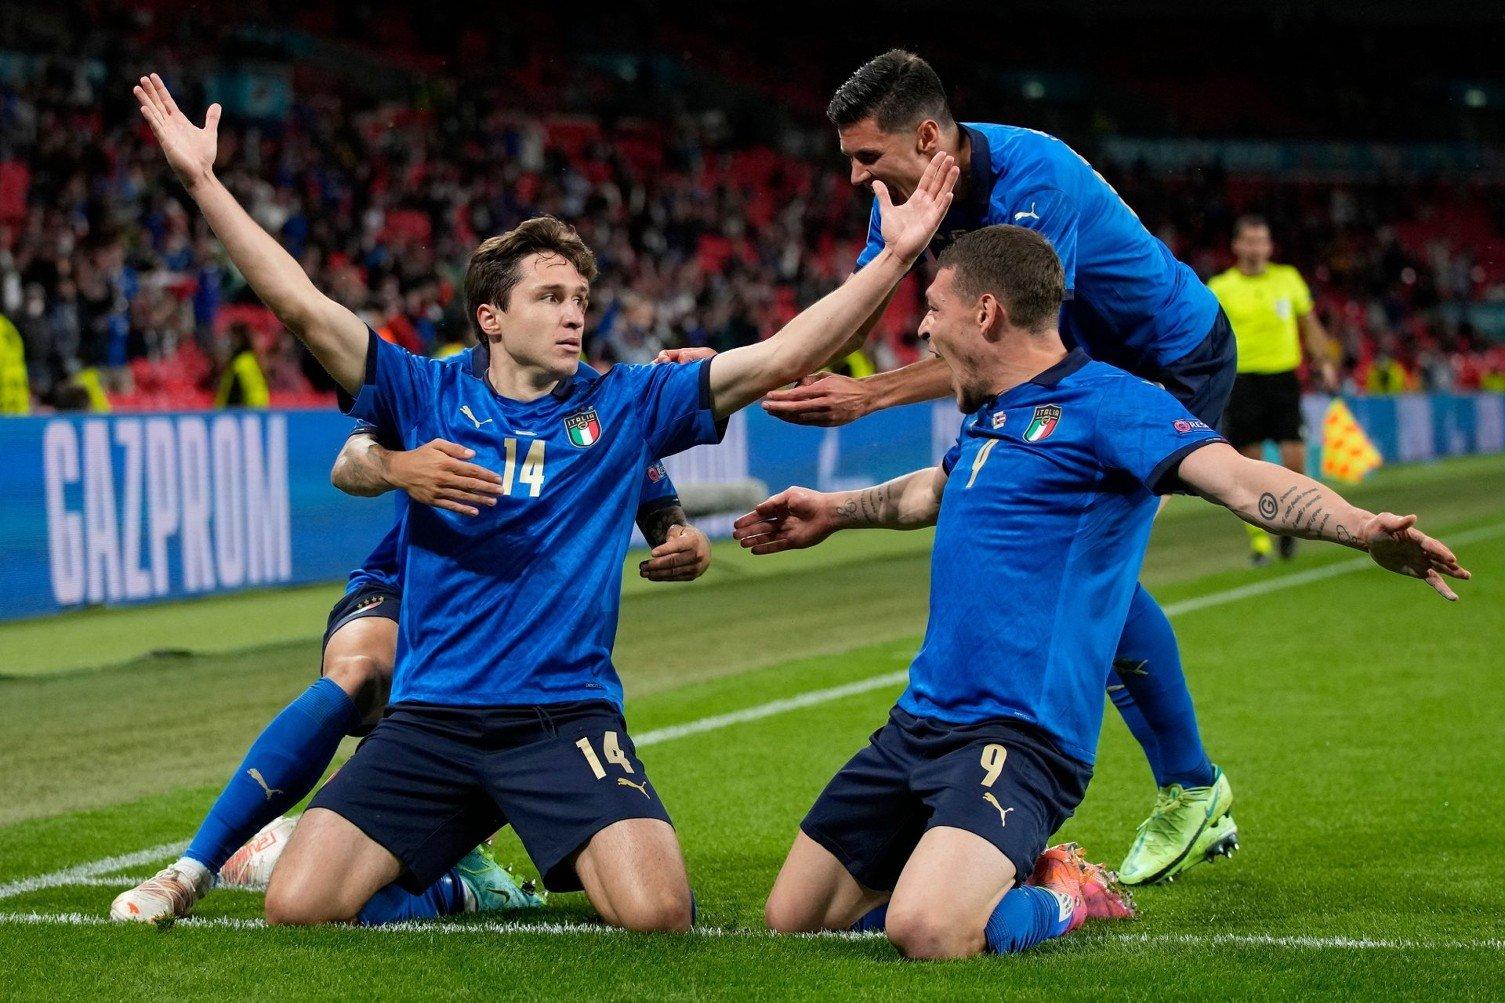 Сборная Италии одержала 12-ю победу подряд и обновила национальный рекорд |  Рекомендательная система Пульс Mail.ru